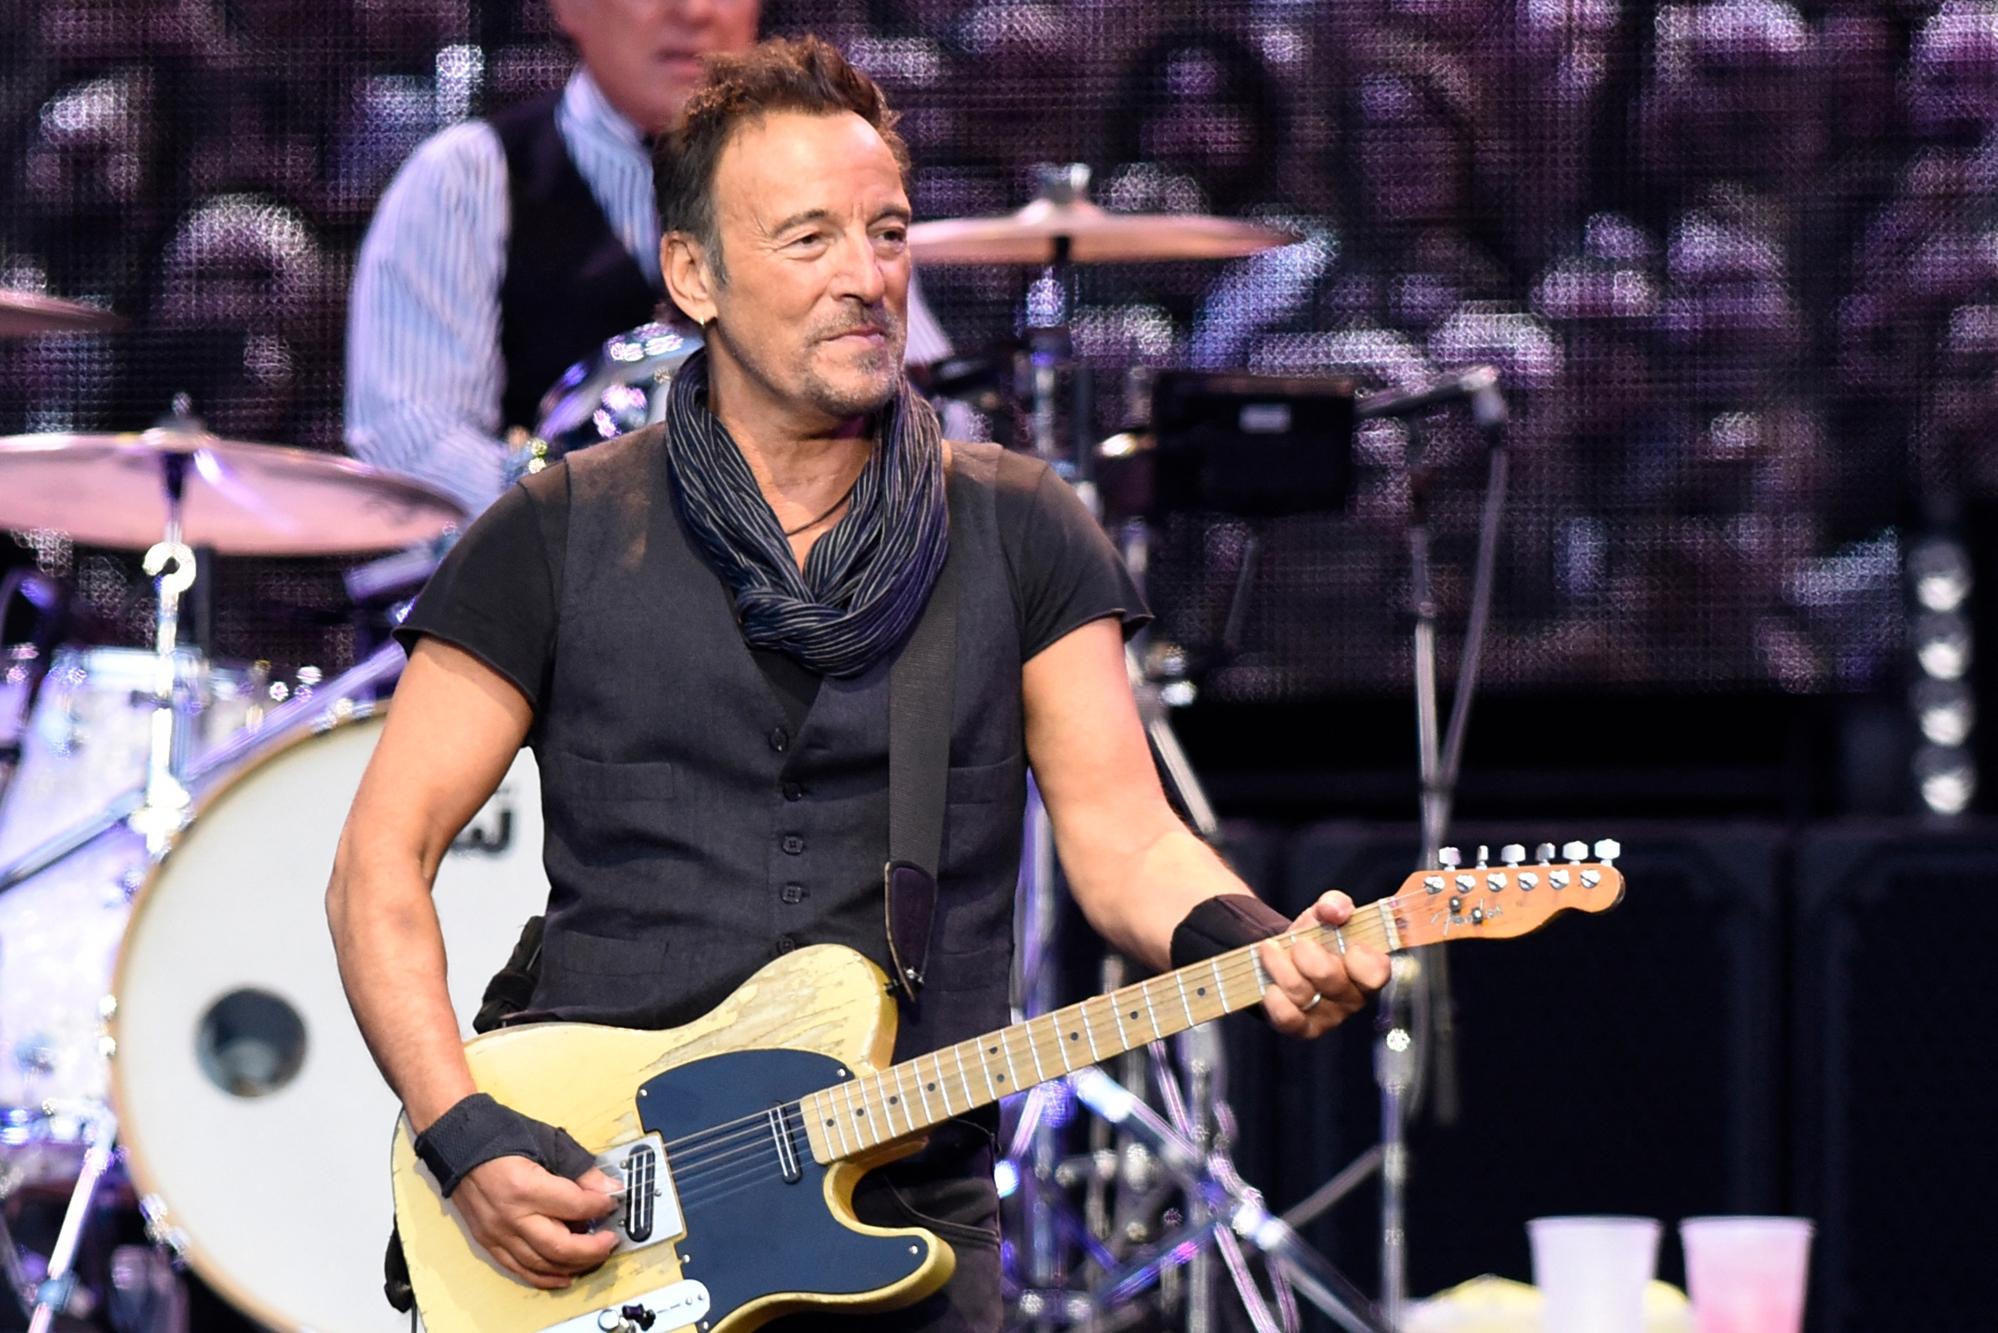 États-Unis : Bruce Springsteen interpellé pour conduite en état d'ébriété - RTL.fr